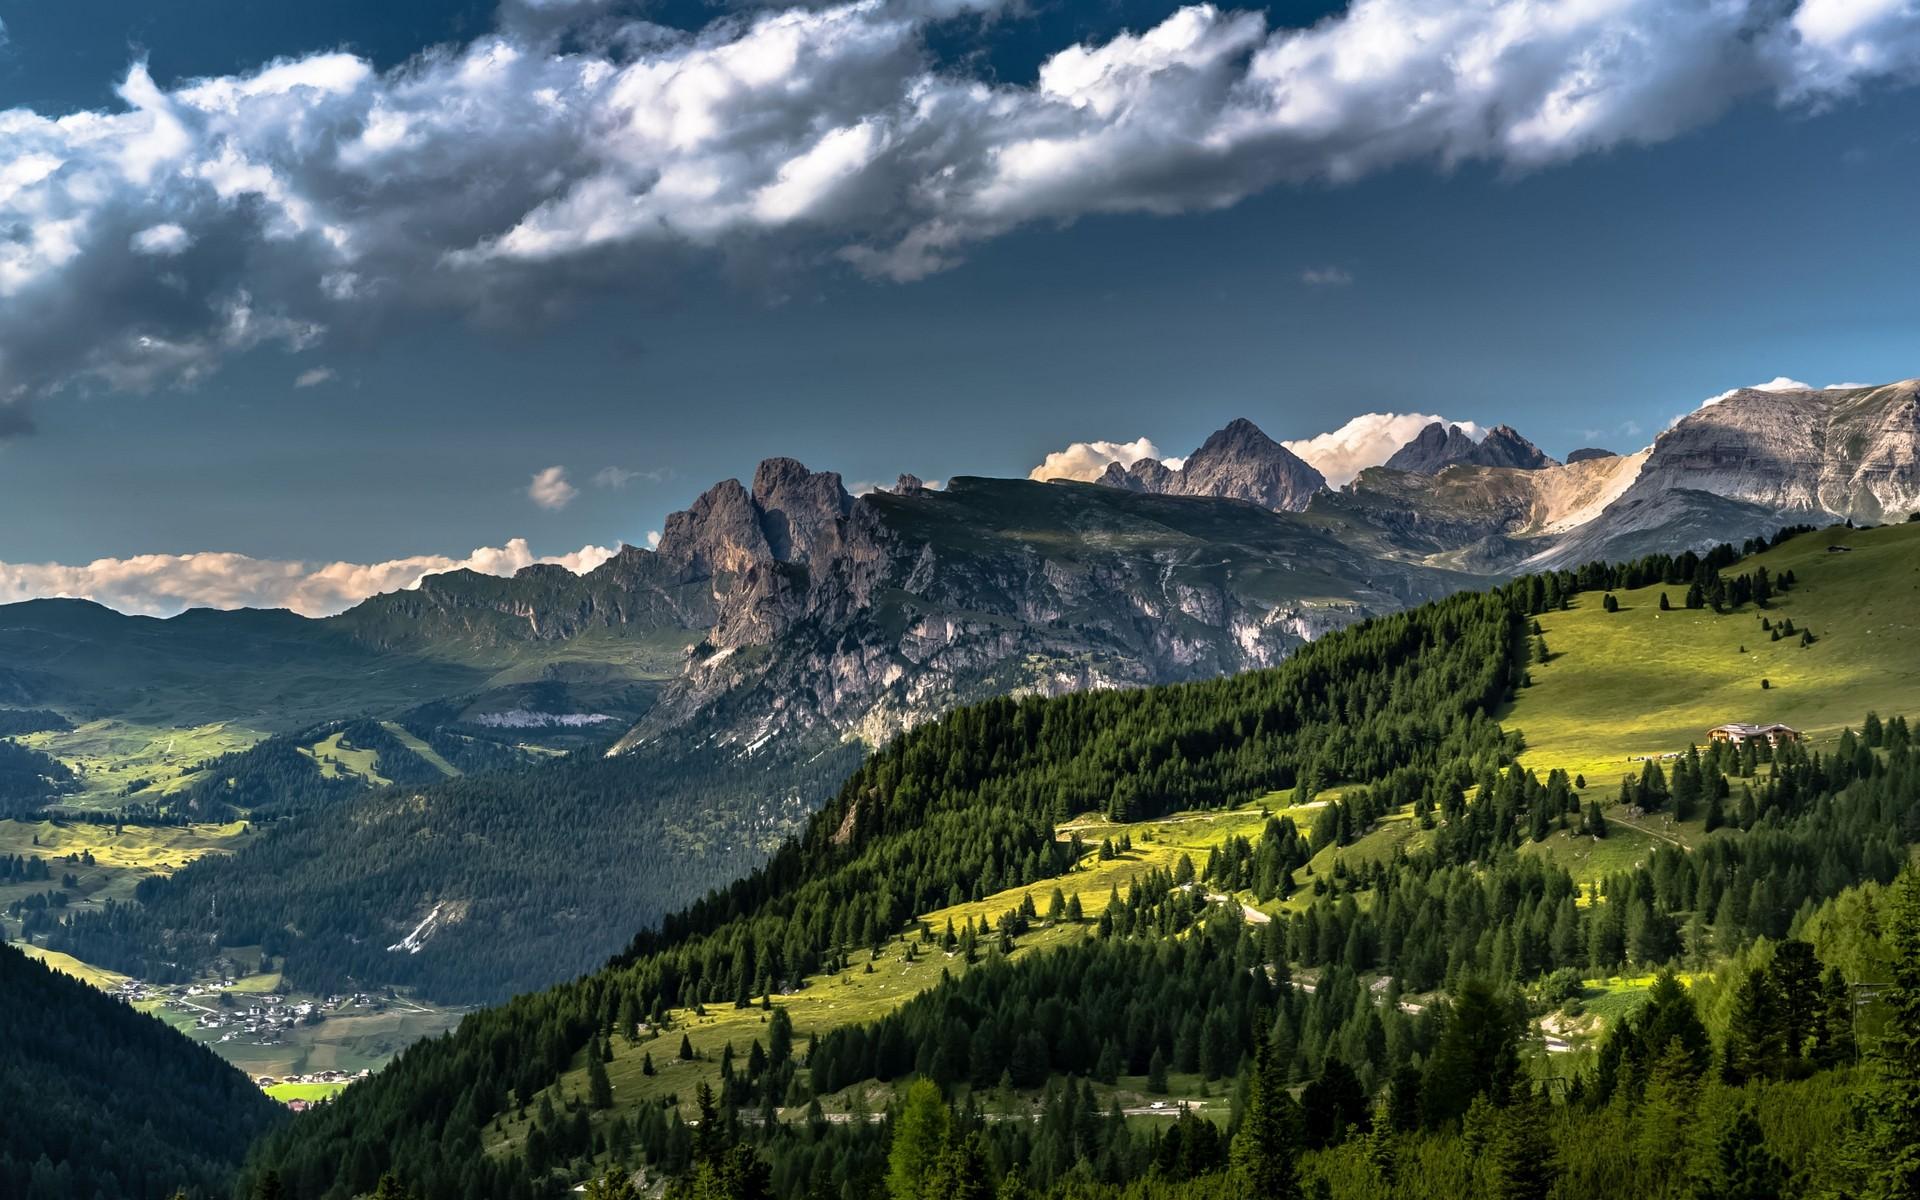 картинки красивых горных местностях всем